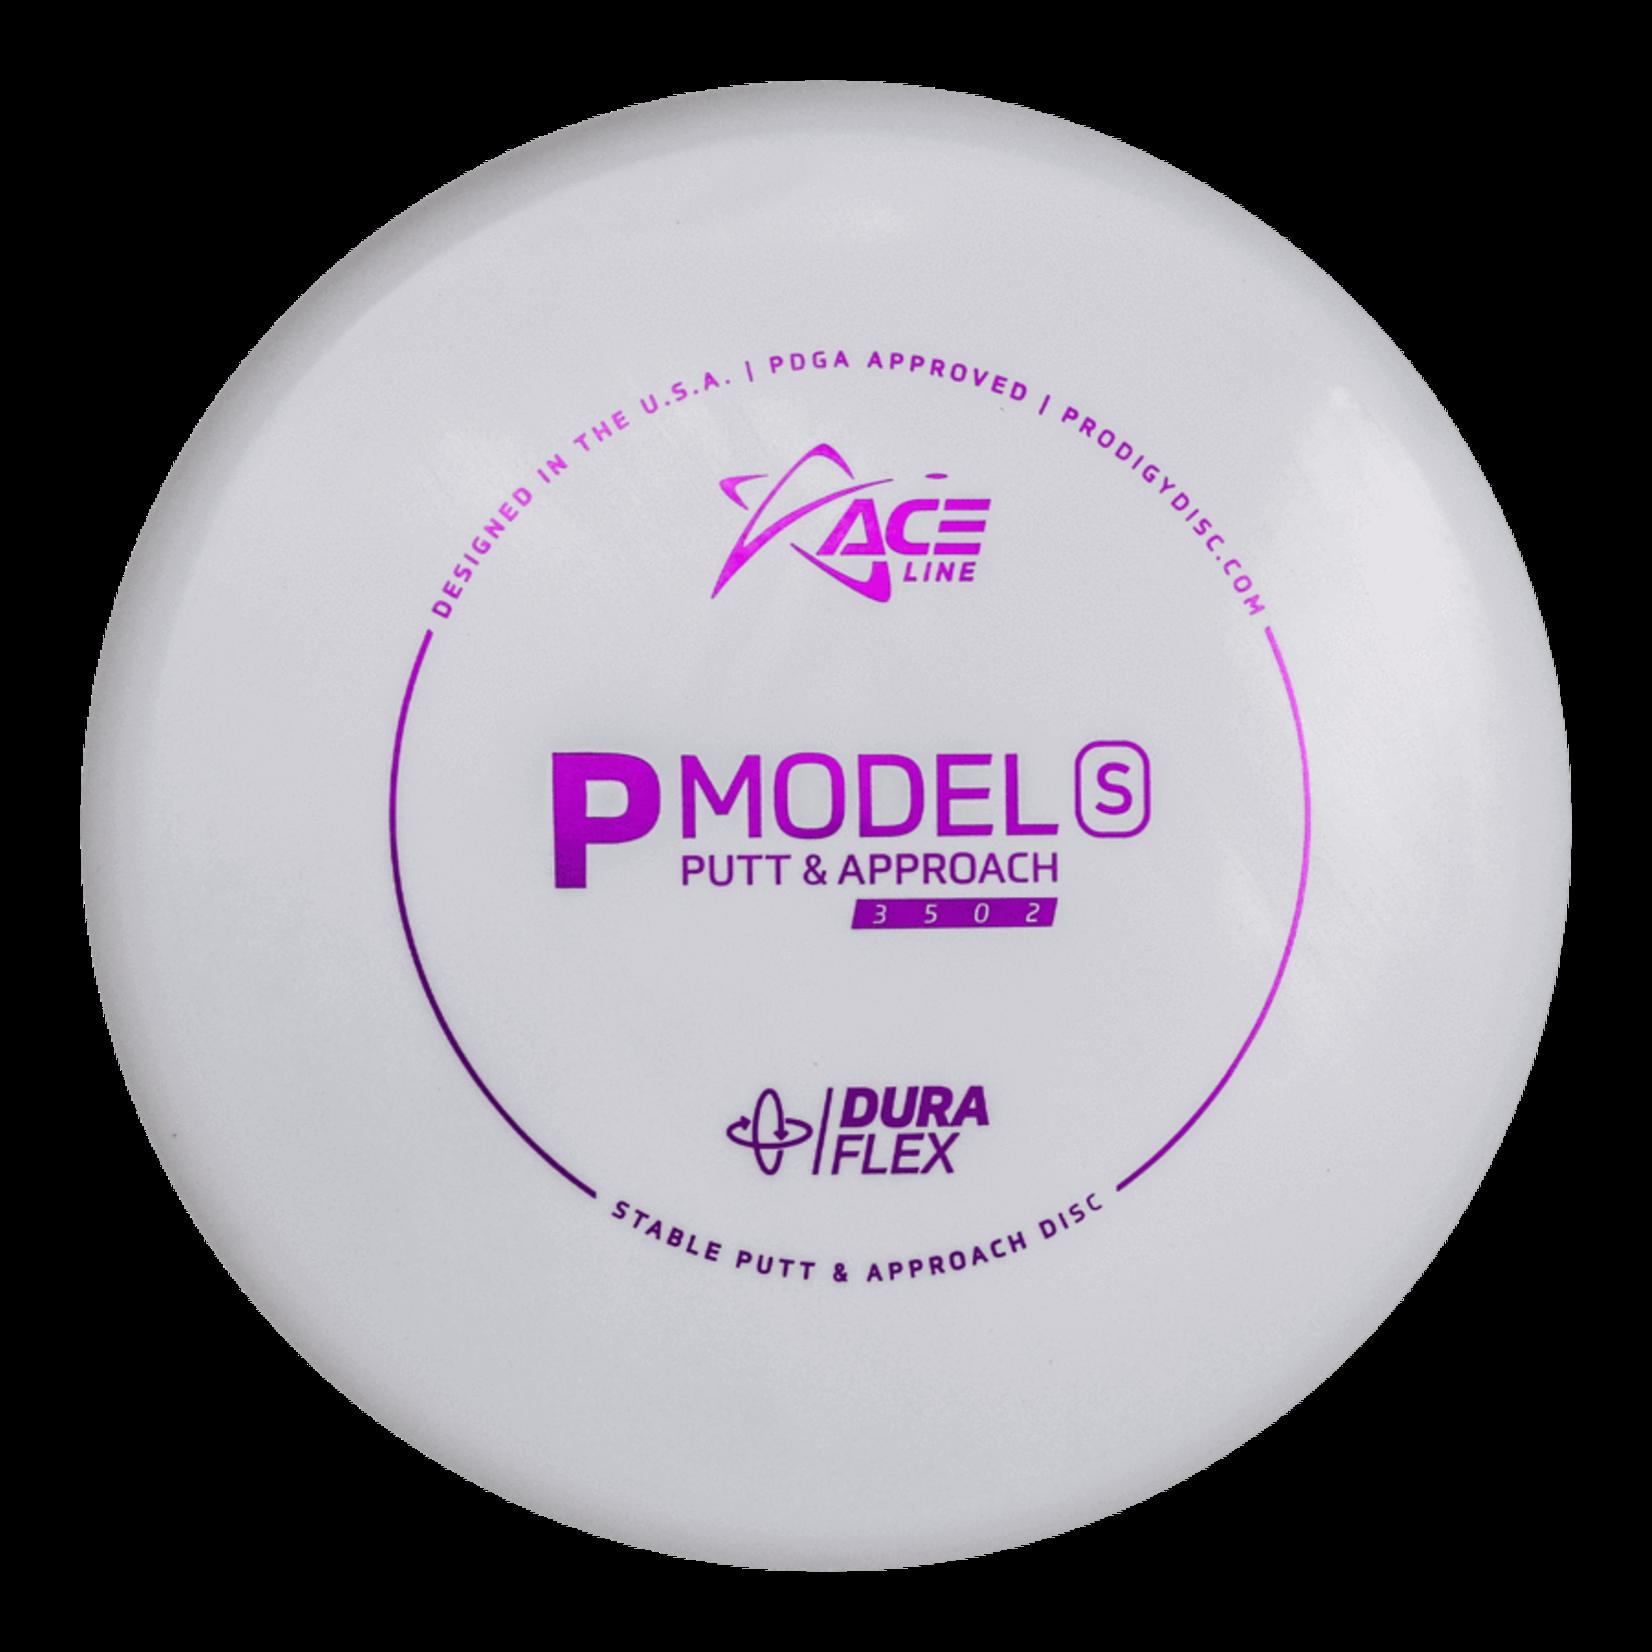 Prodigy Prodigy Disc, Ace Line Putter-S-Duraflex, ACE-P-DF-S-175